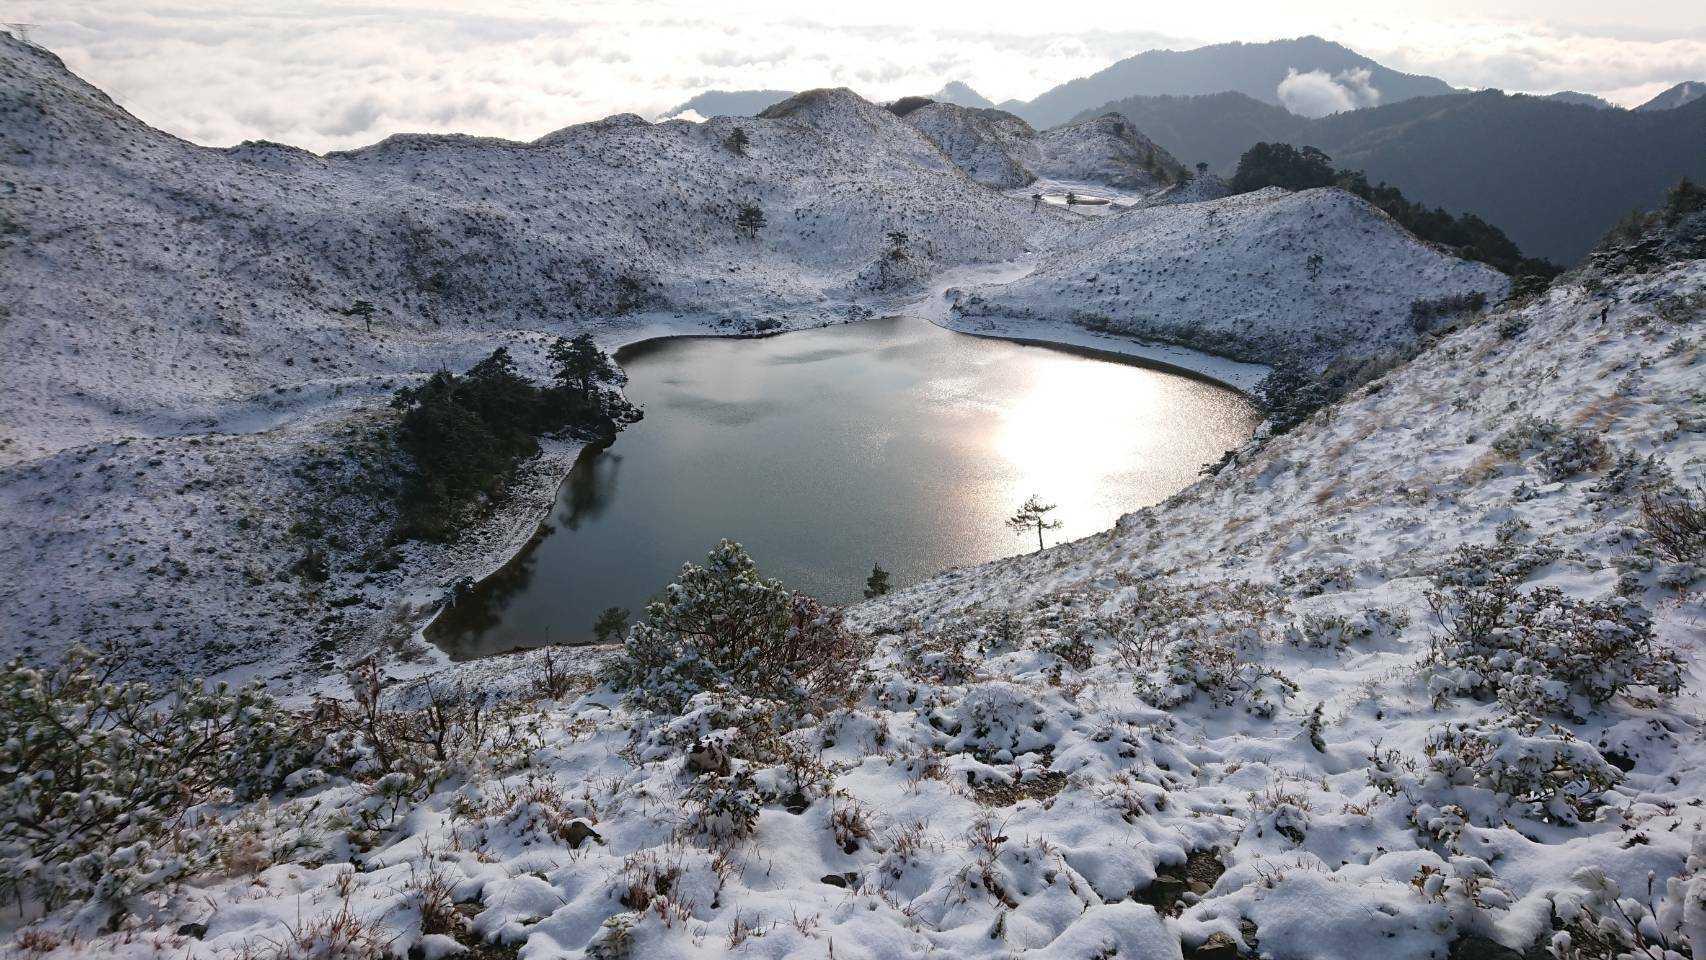 七彩湖探勘之旅 │ 七彩湖雪景